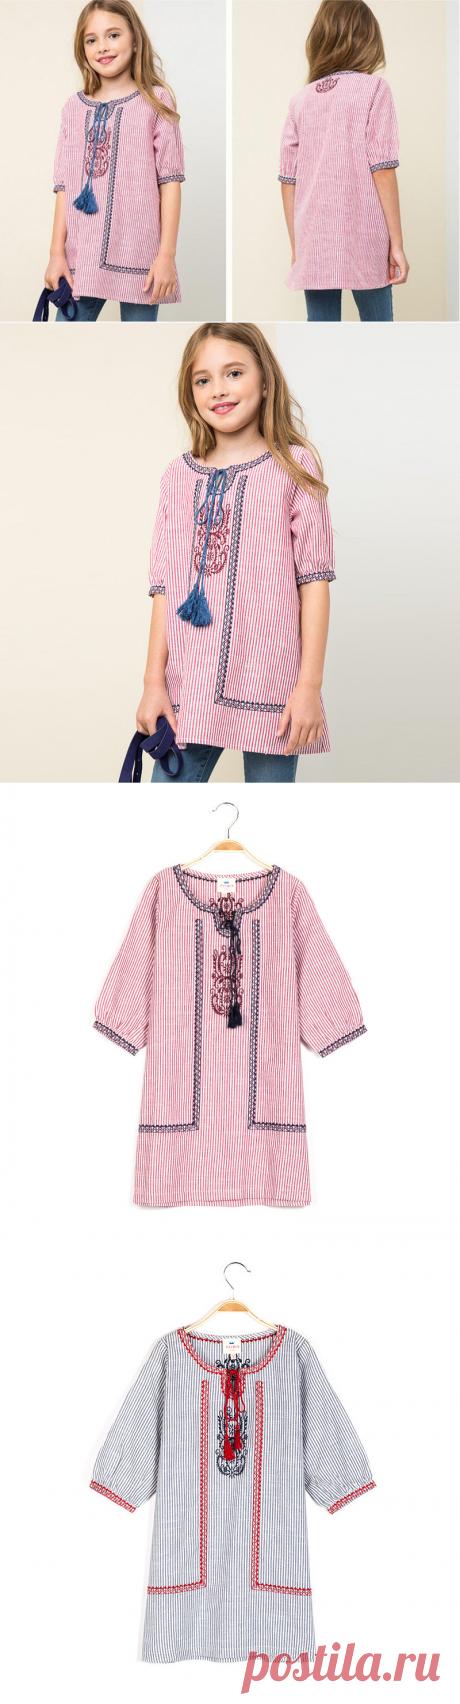 Hurave 2017 новая мода осень с вышивкой детская одежда из хлопка платье для девочек платье с длинными рукавами для маленькой принцессы Vestidos купить на AliExpress